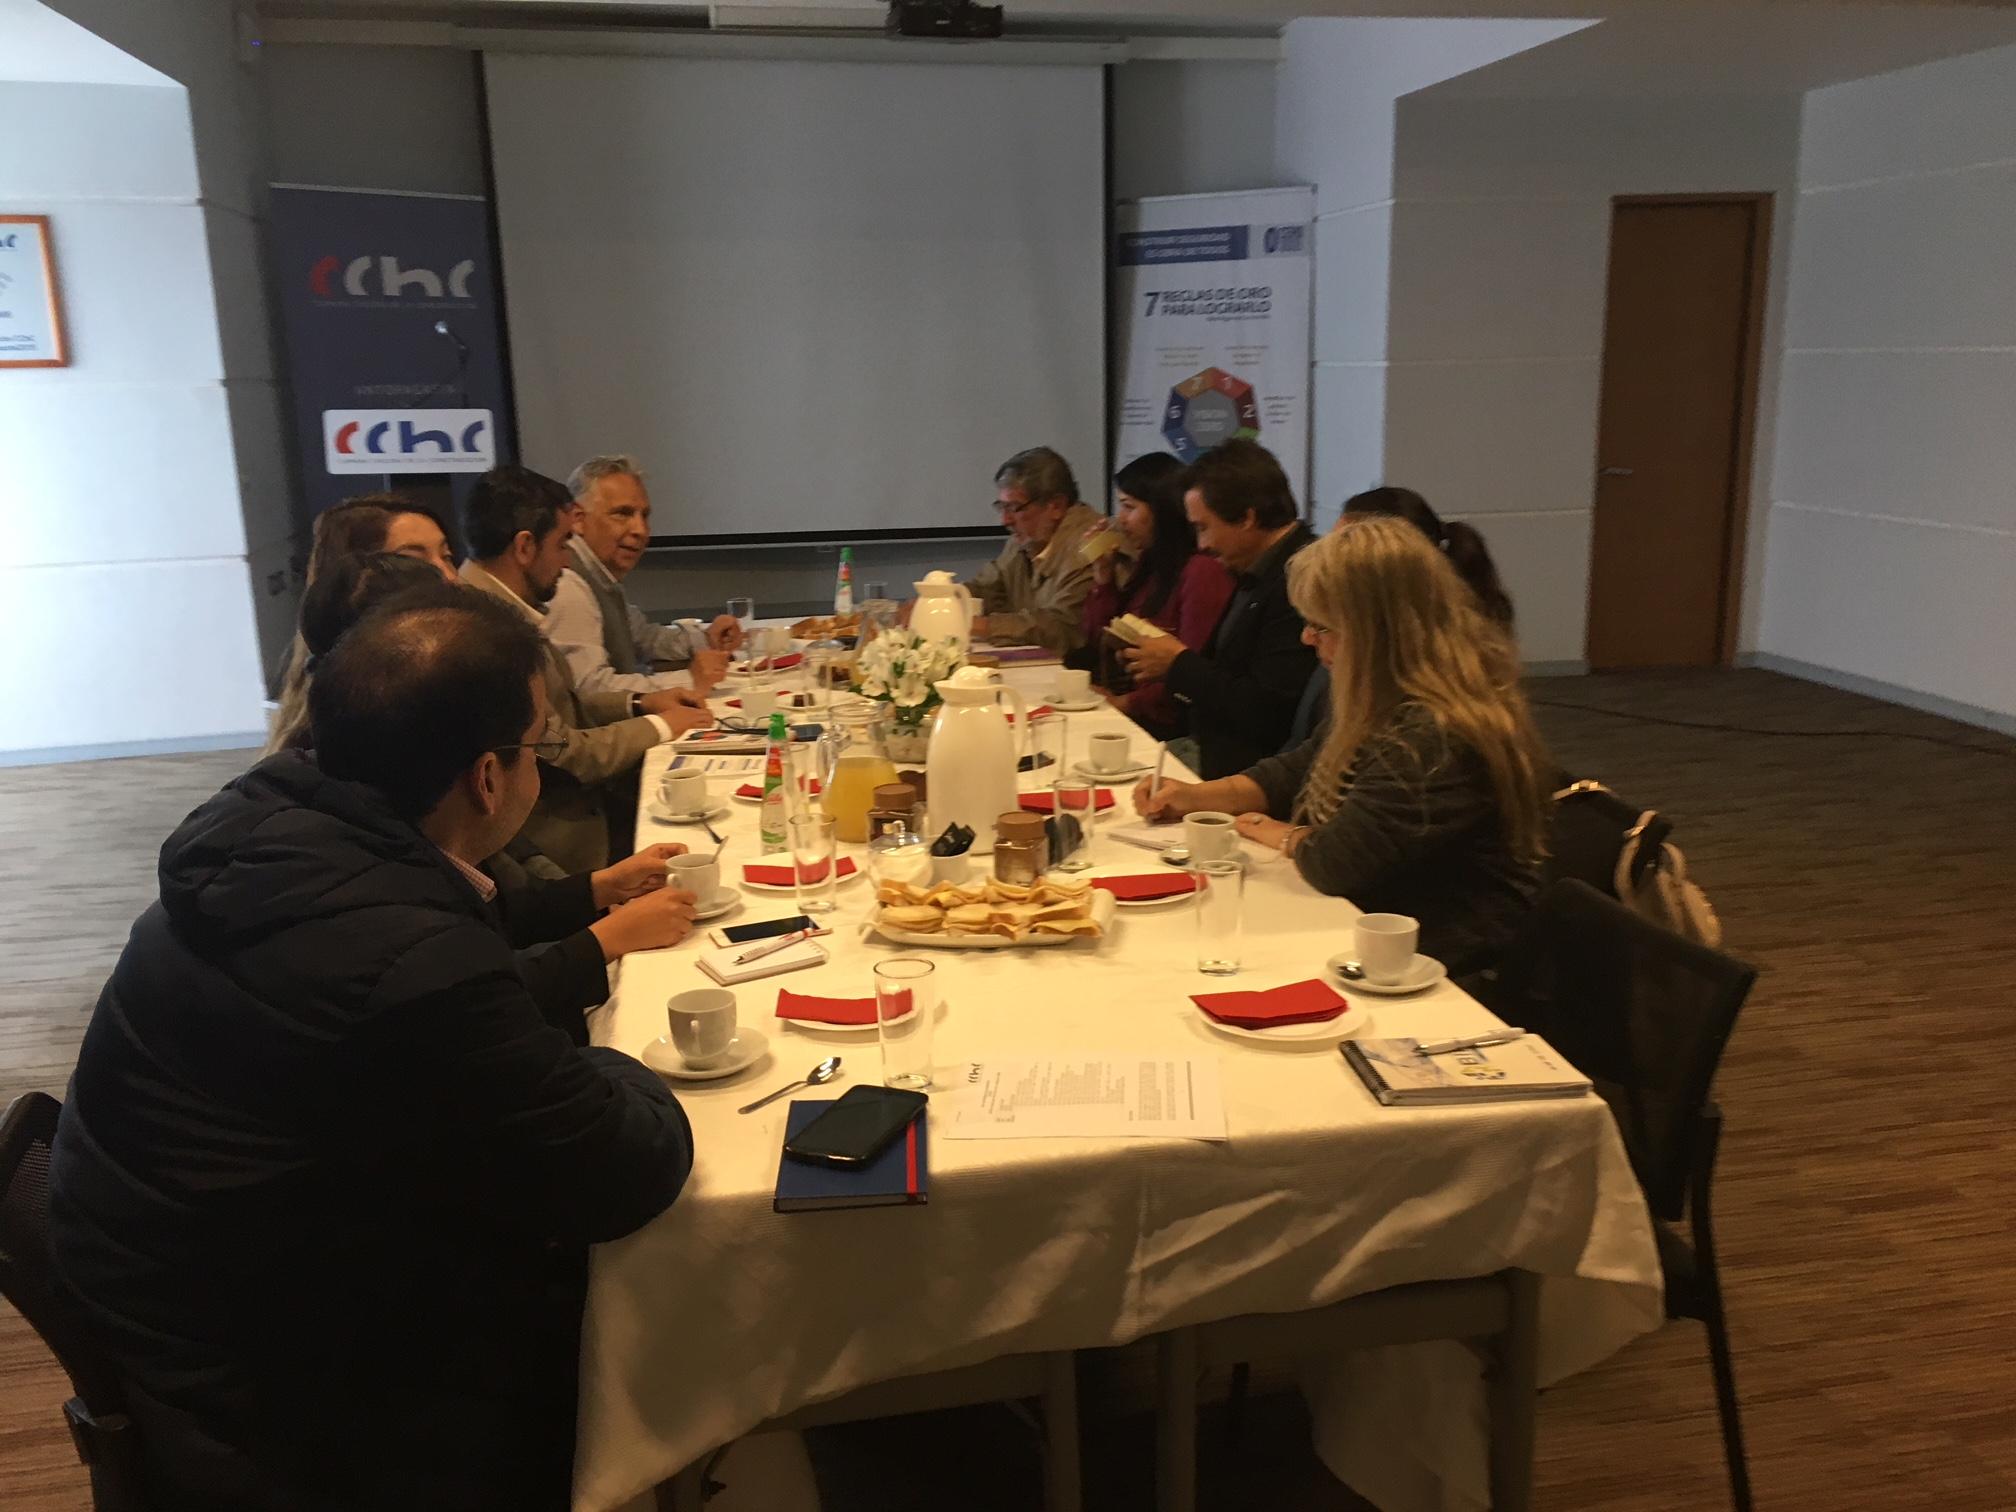 Antofagasta – Mesa Técnica de Migración <mark>Laboral</mark> sesiona en Cámara Regional noticias